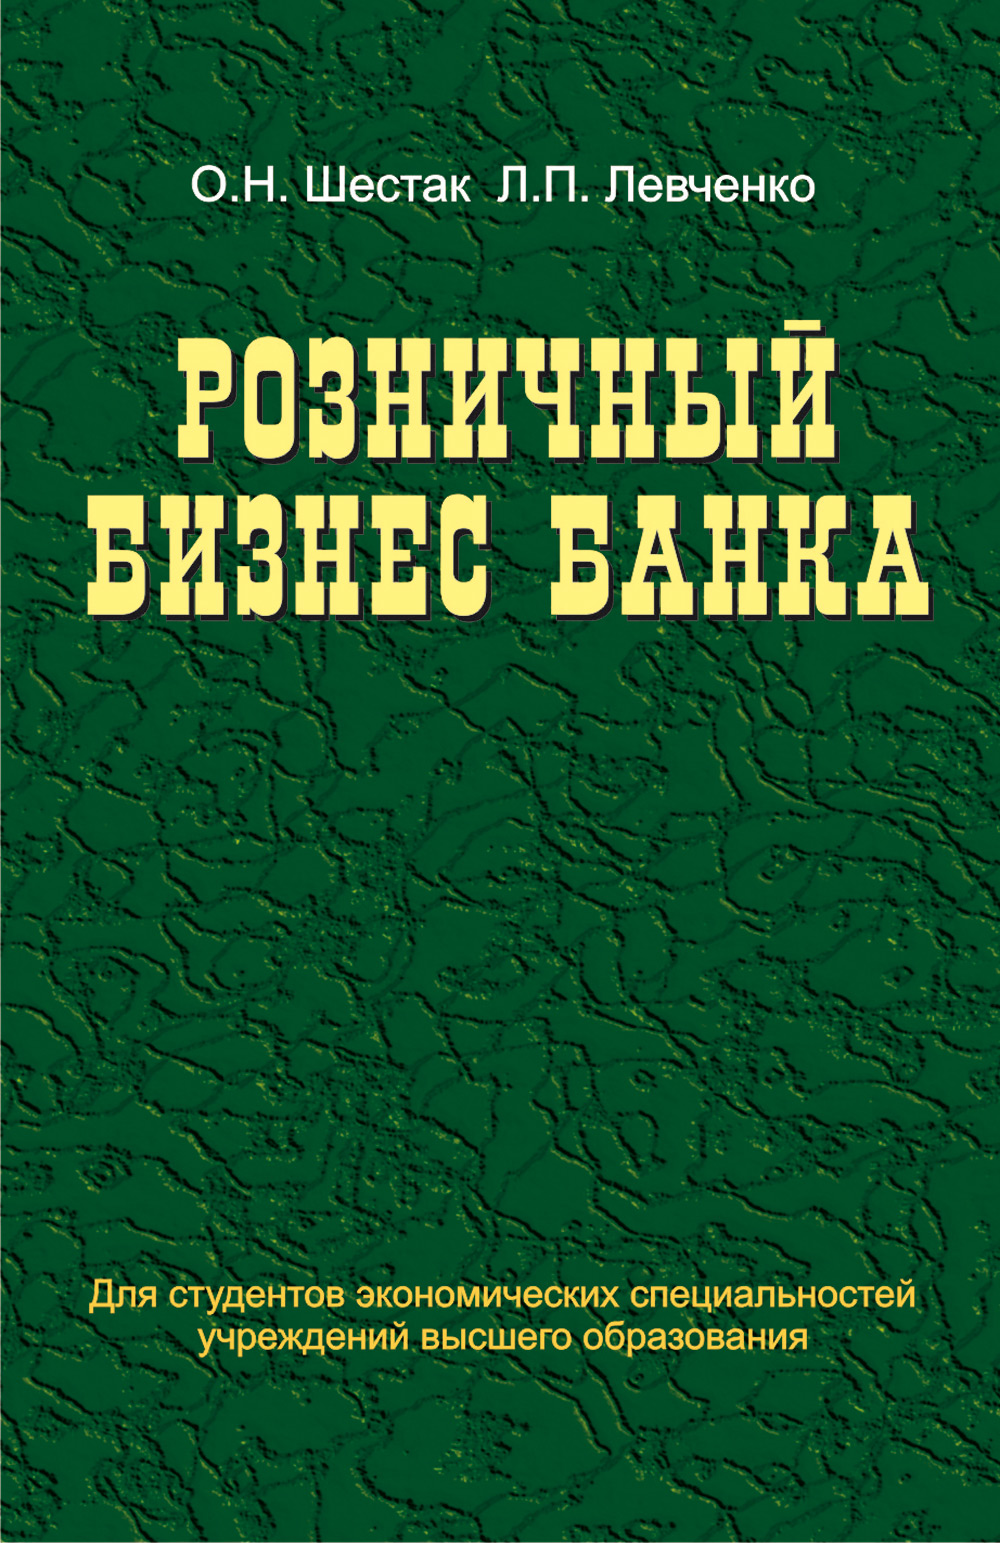 Обложка книги. Автор - Людмила Левченко